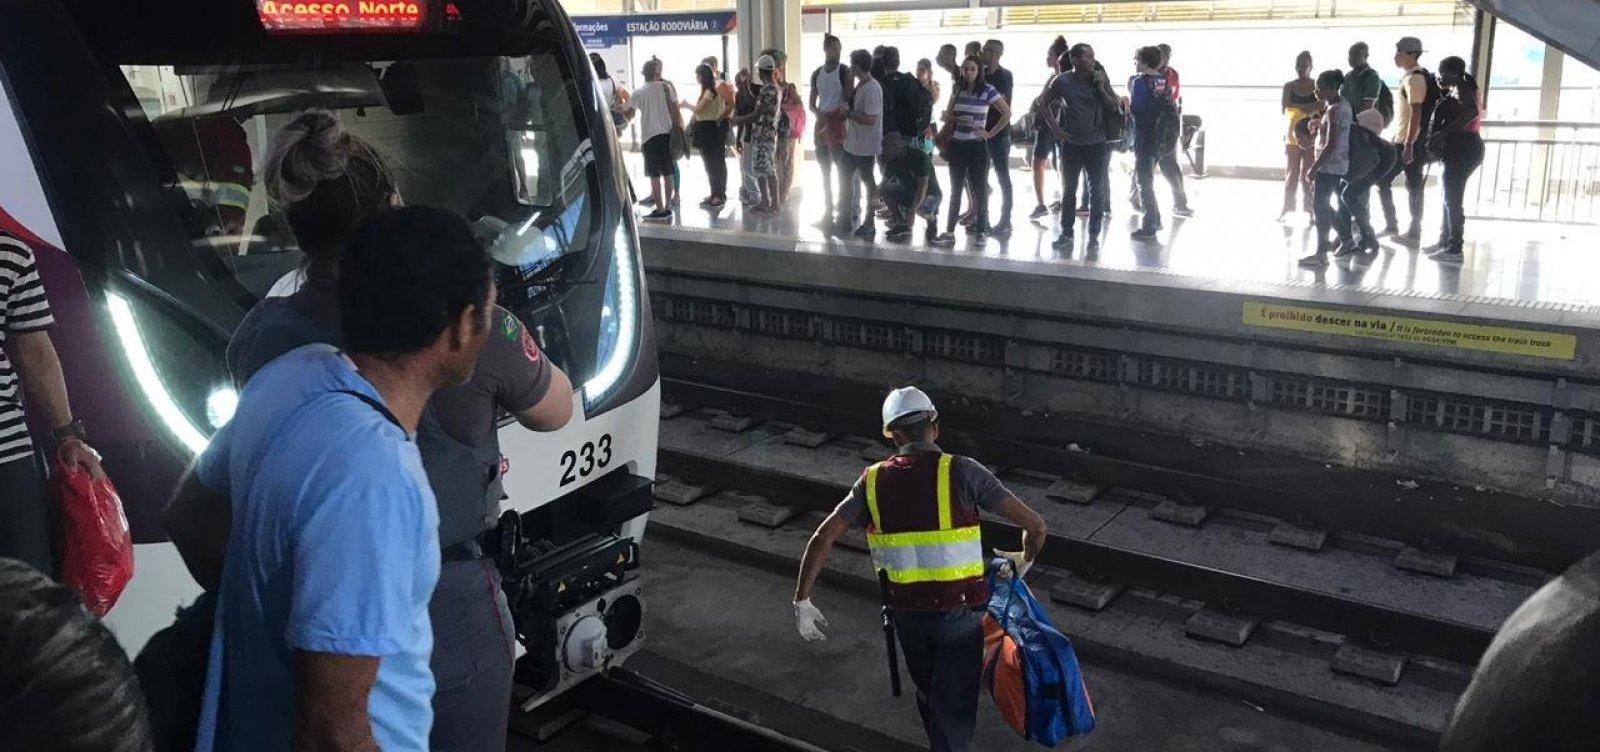 [Linha 2 do metrô de Salvador volta a operar após acidente com passageiro]